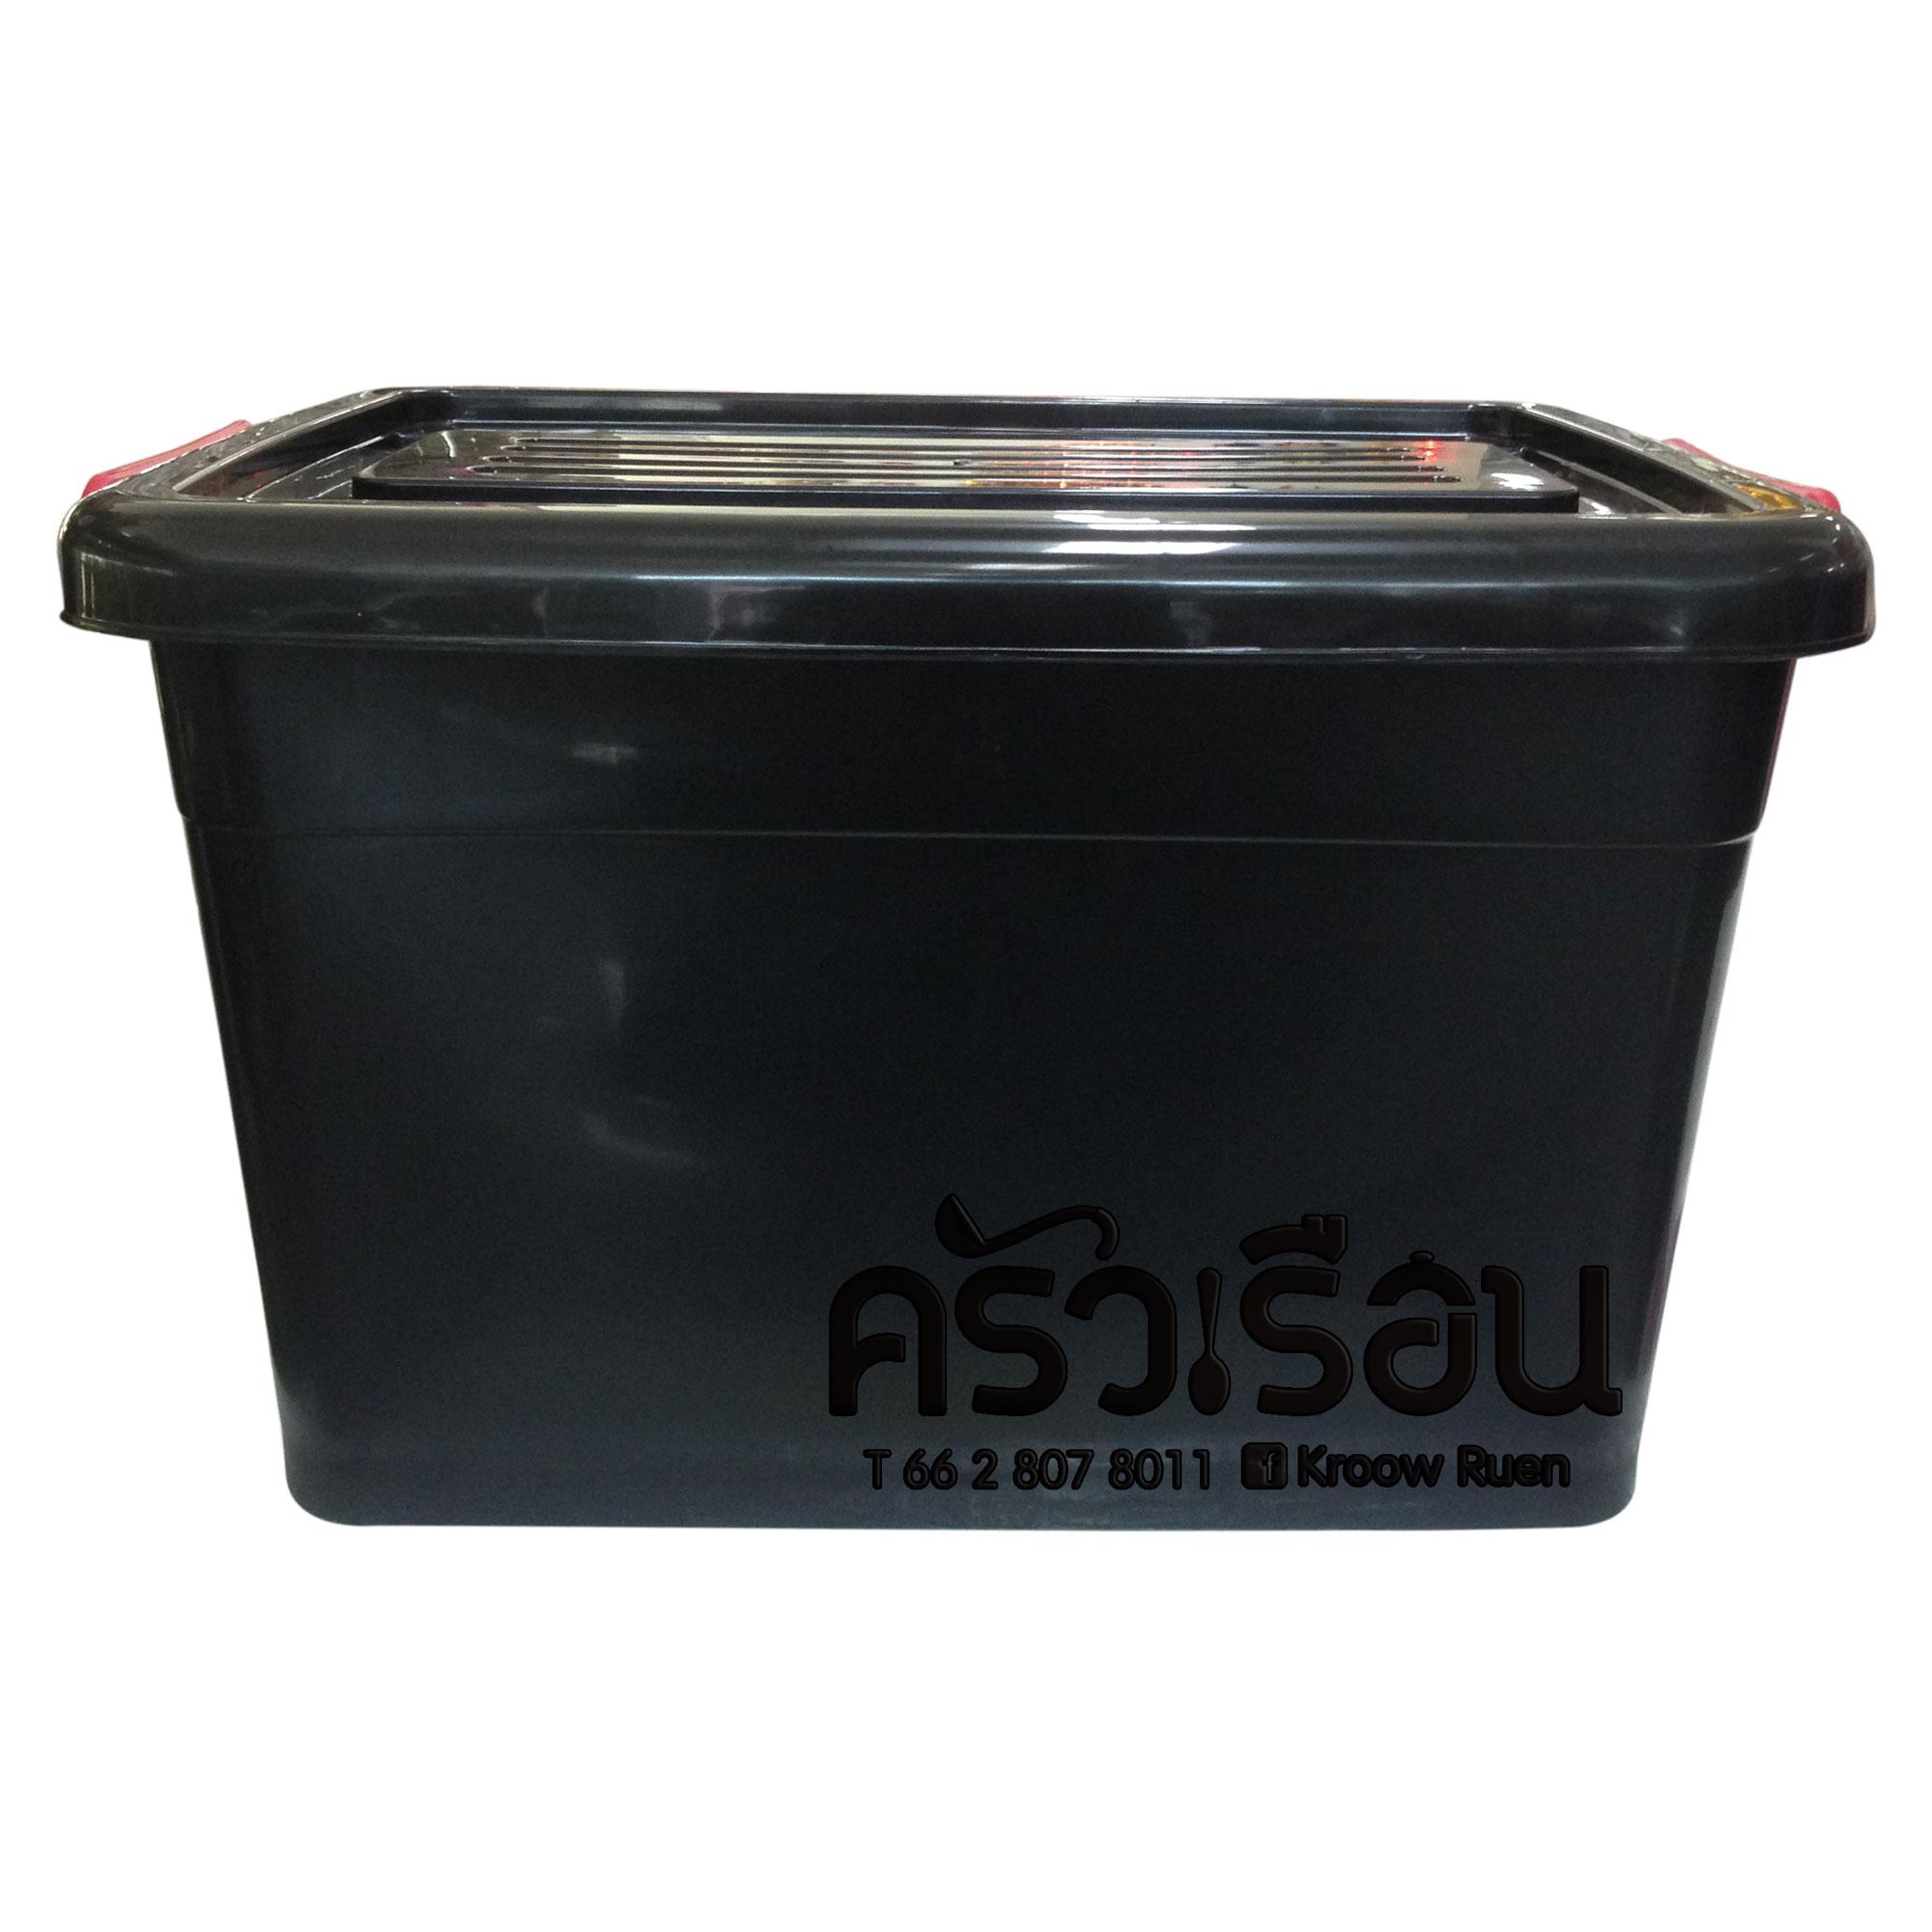 Big One กล่องพลาสติกพร้อมฝา สีดำ 55 ลิตร - ไม่สามารถส่งทางไปรษณีย์ หรือ Kerry ได้นะคะ รับของได้เฉพาะที่หน้าร้านค่ะ